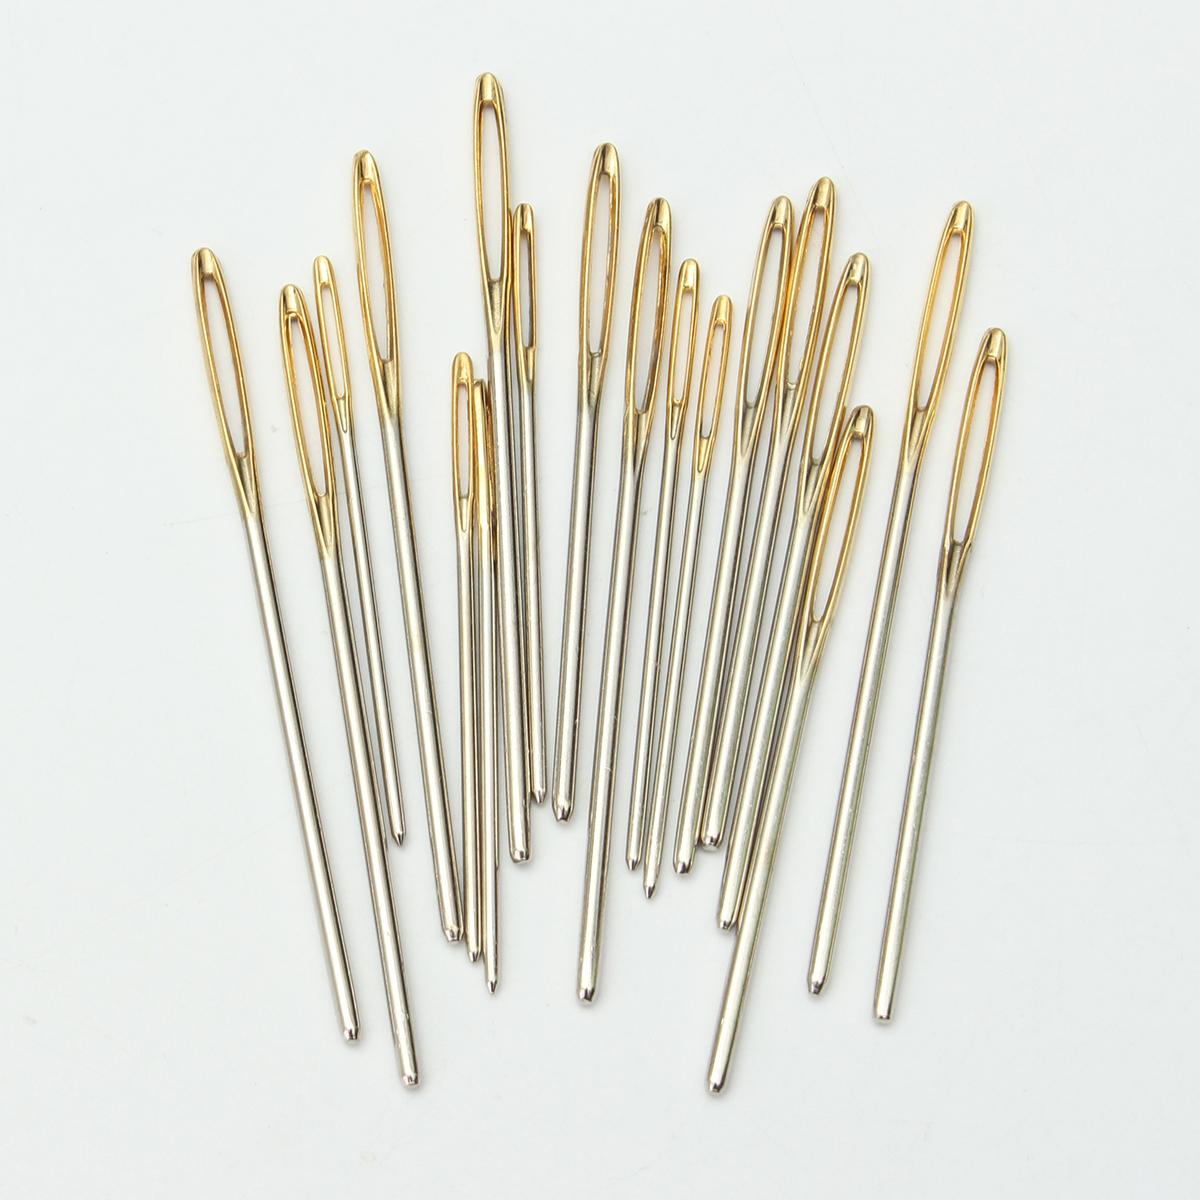 Knitting Needle Sizes South Africa : Other tools pcs sizes large knitting sewing needles